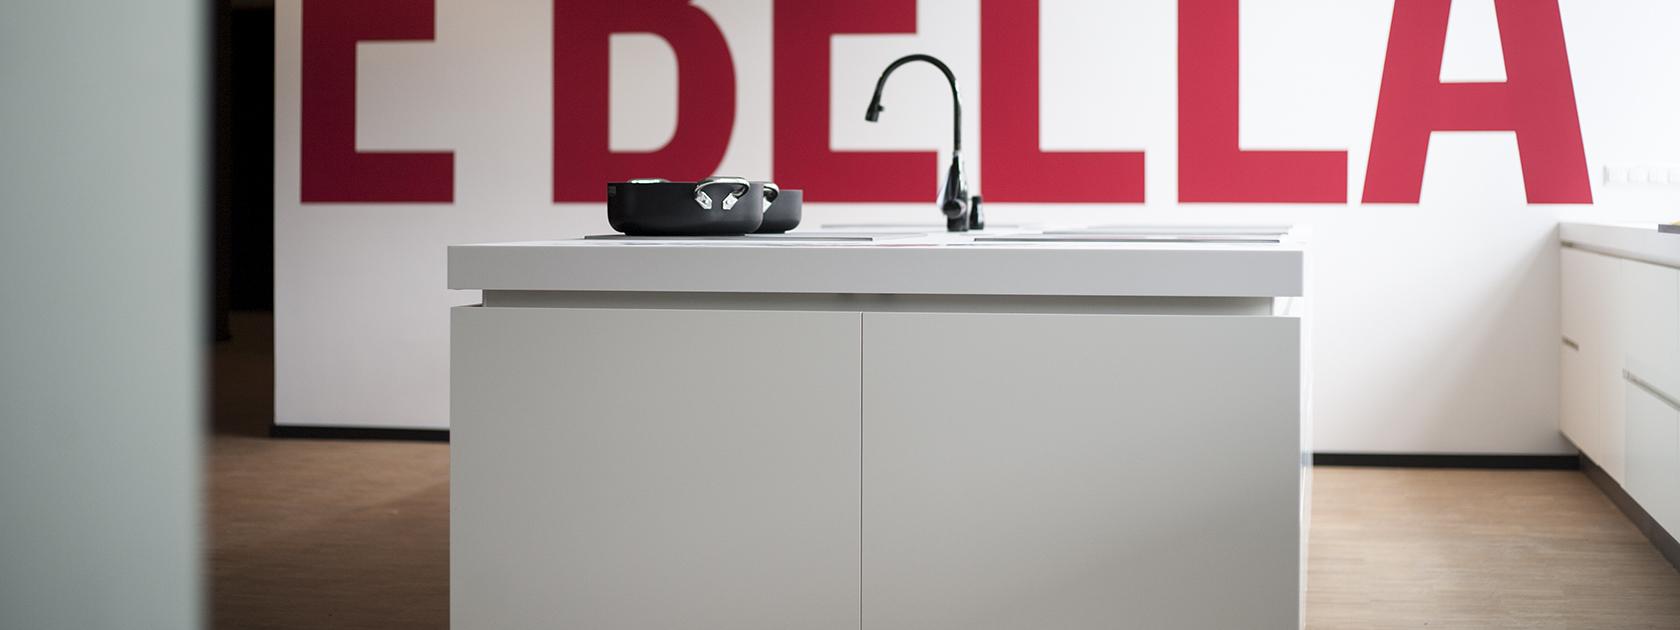 kuchen schmidt wetzlar beliebte urlaubstorte deutschlands 2017. Black Bedroom Furniture Sets. Home Design Ideas